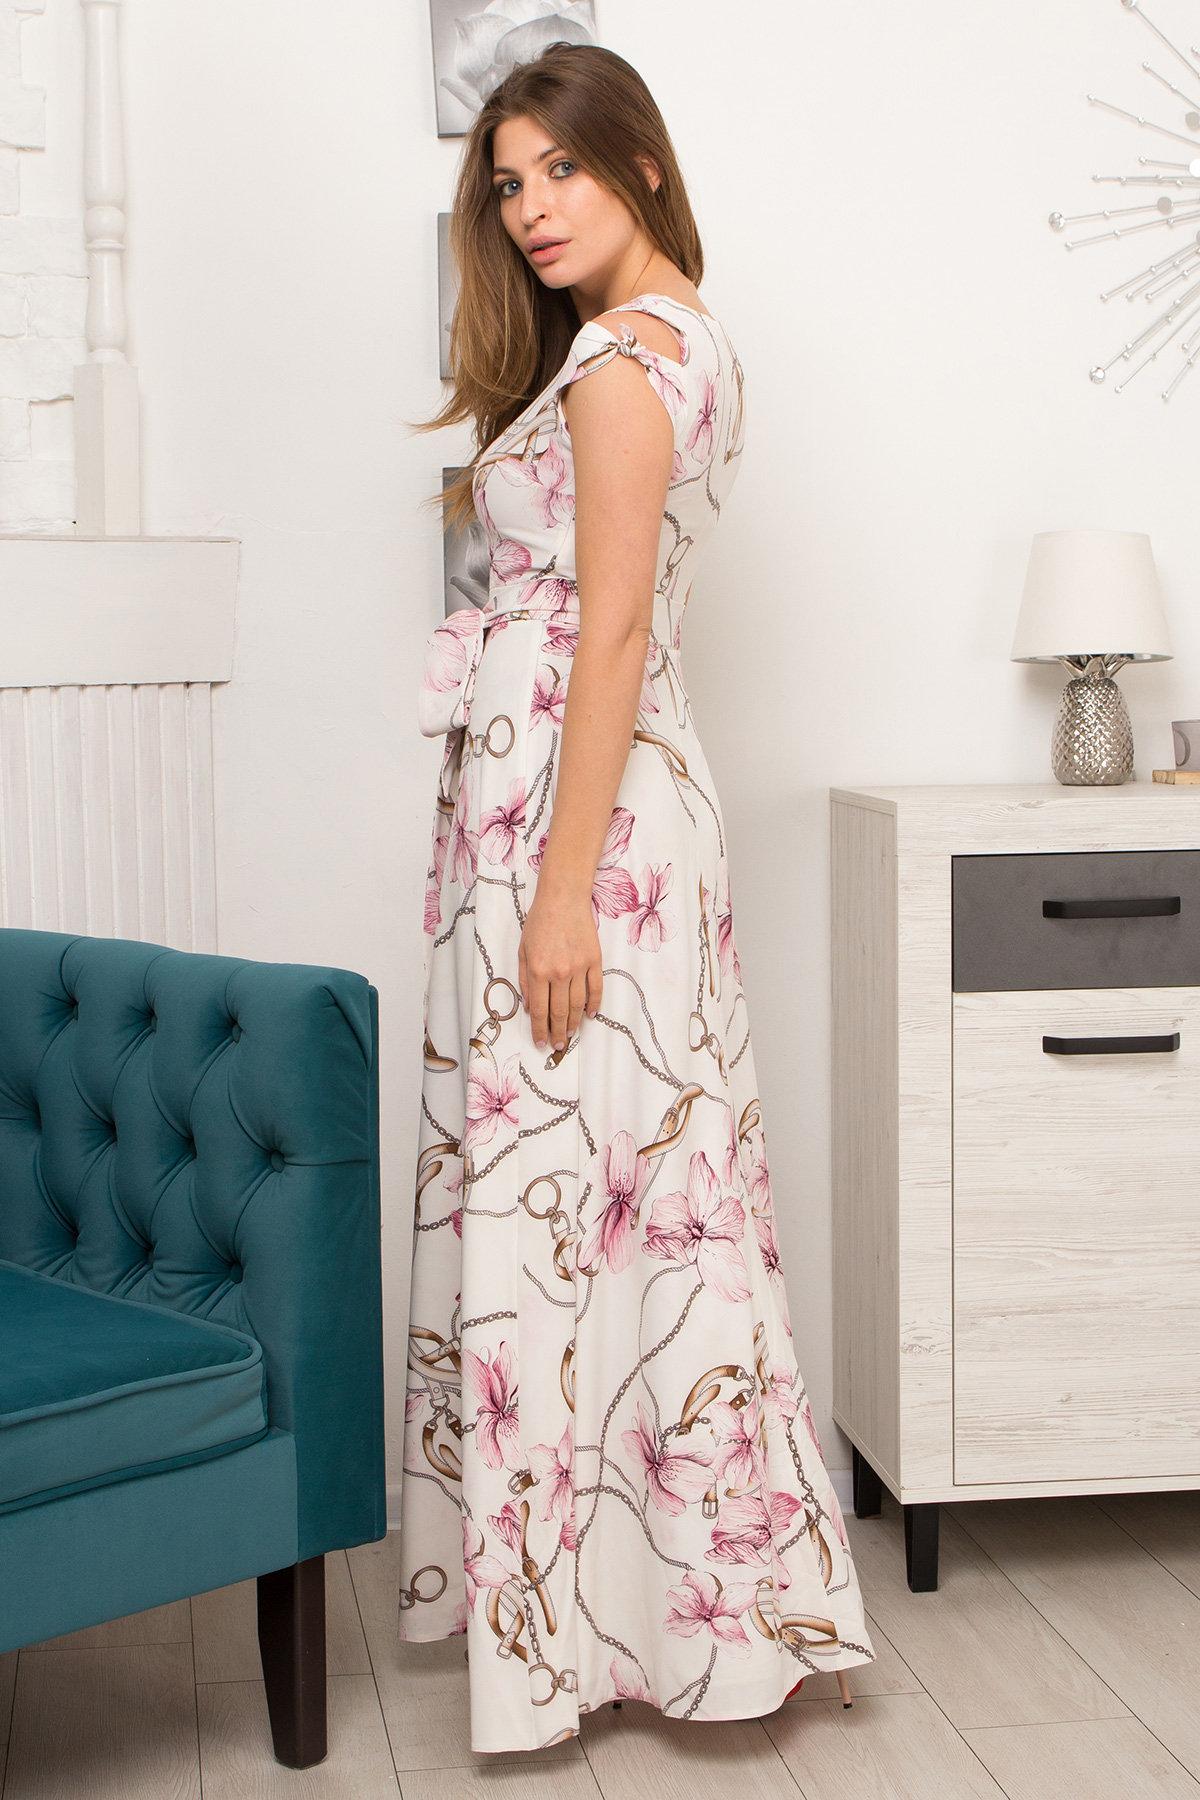 Платье Жане 9099 АРТ. 45420 Цвет: Цветы кр/цепи Молоко/пудра - фото 4, интернет магазин tm-modus.ru